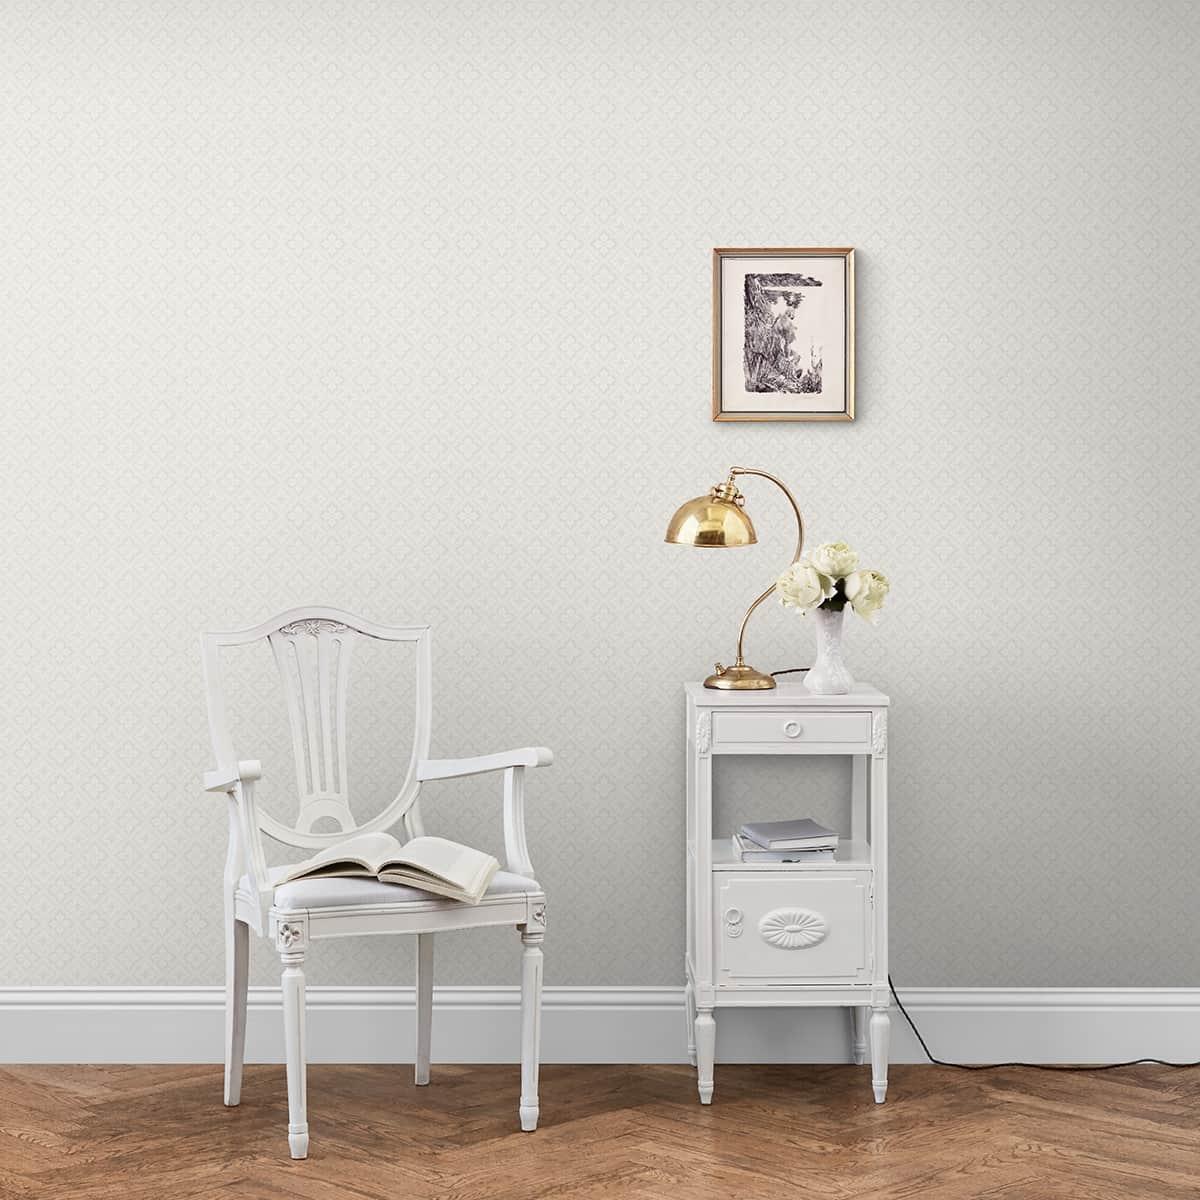 Scaun alb si noptiera alba aseste langa un perte cu tapet alb, pe care este asesta un tablou decorativ cu rama aurie